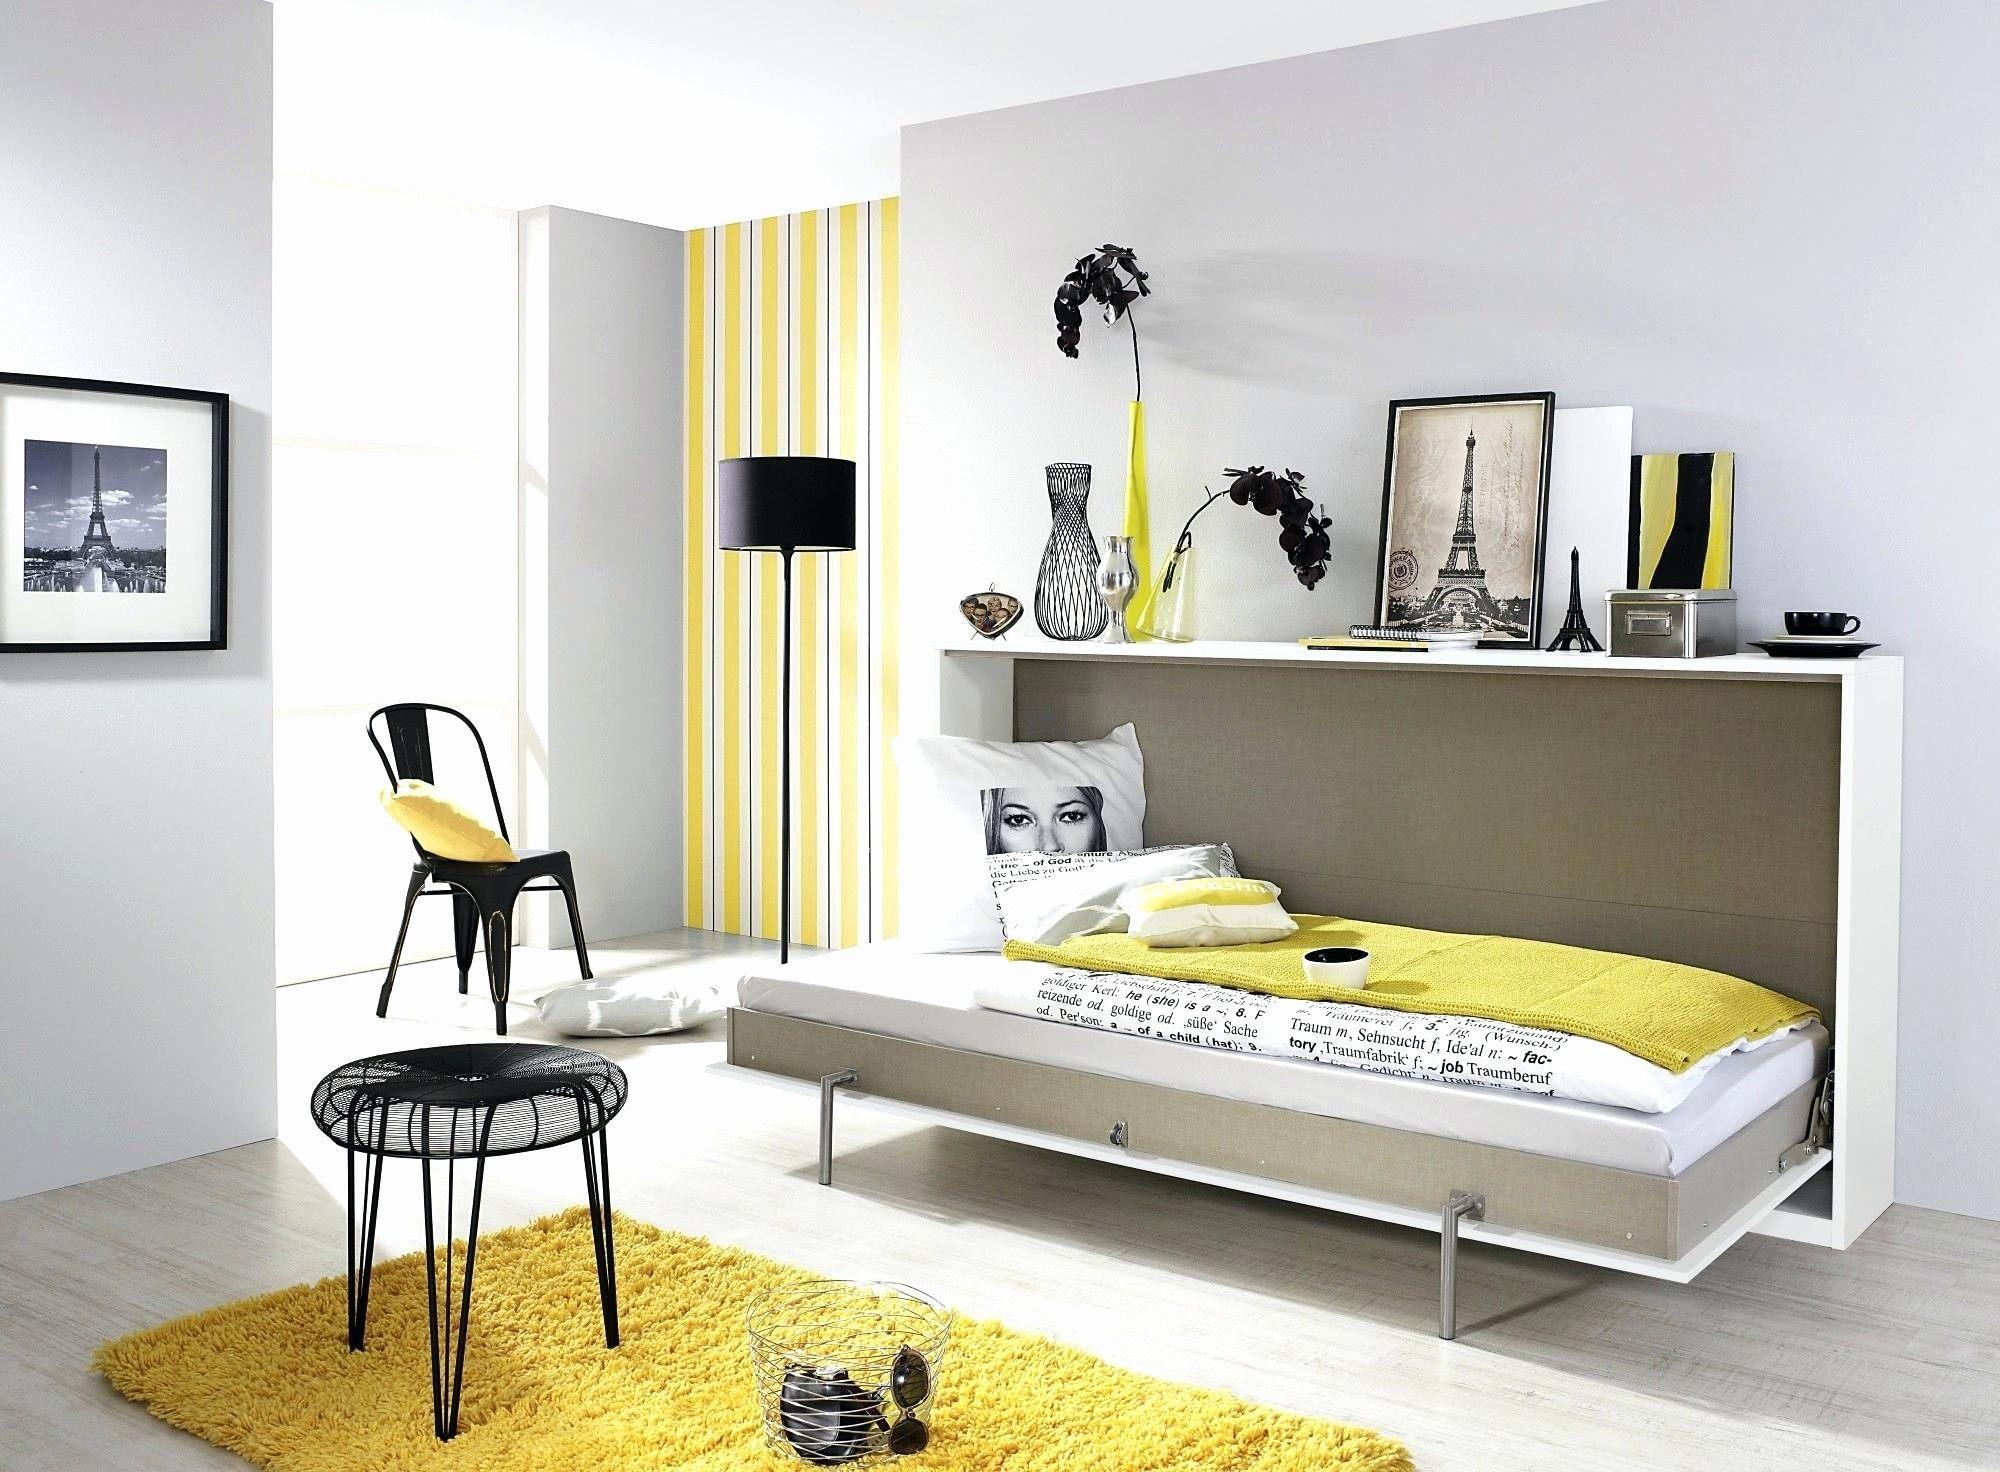 Fabriquer Une Tete De Lit Frais Tete Lit originale Chambre Coucher Conforama Elegant Article with